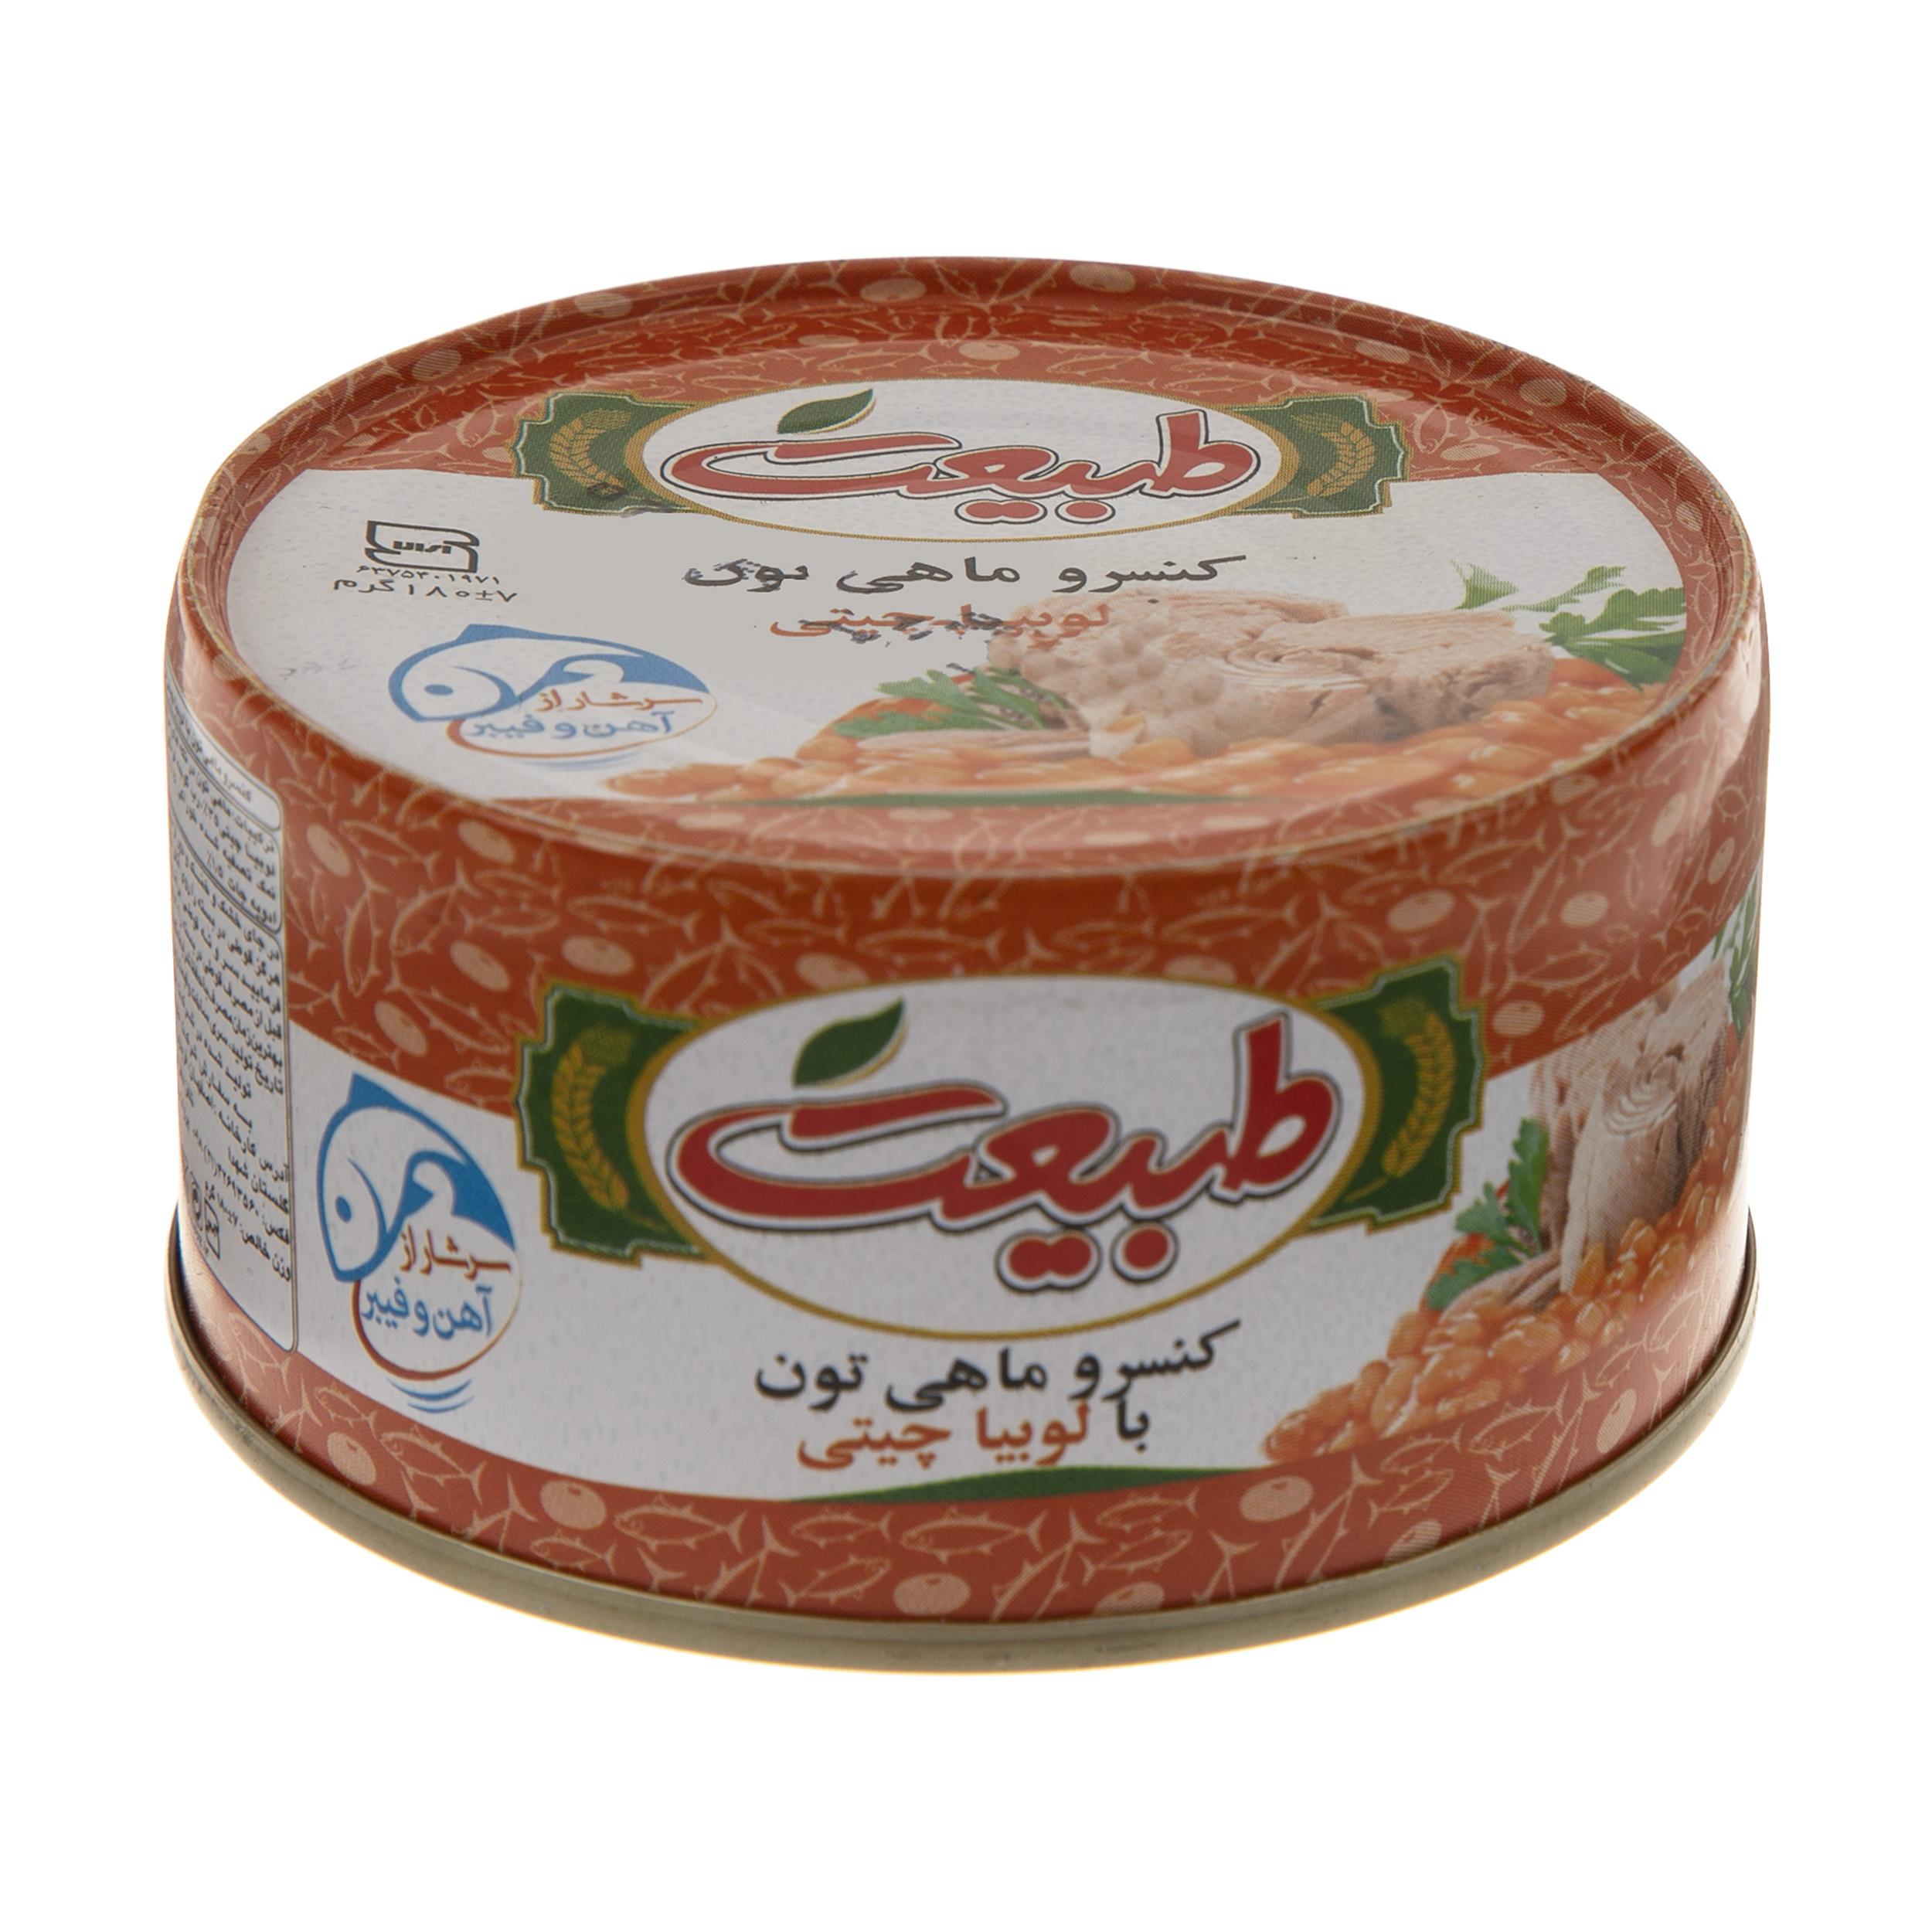 کنسرو ماهی تون با لوبیا چیتی طبیعت- 180 گرم